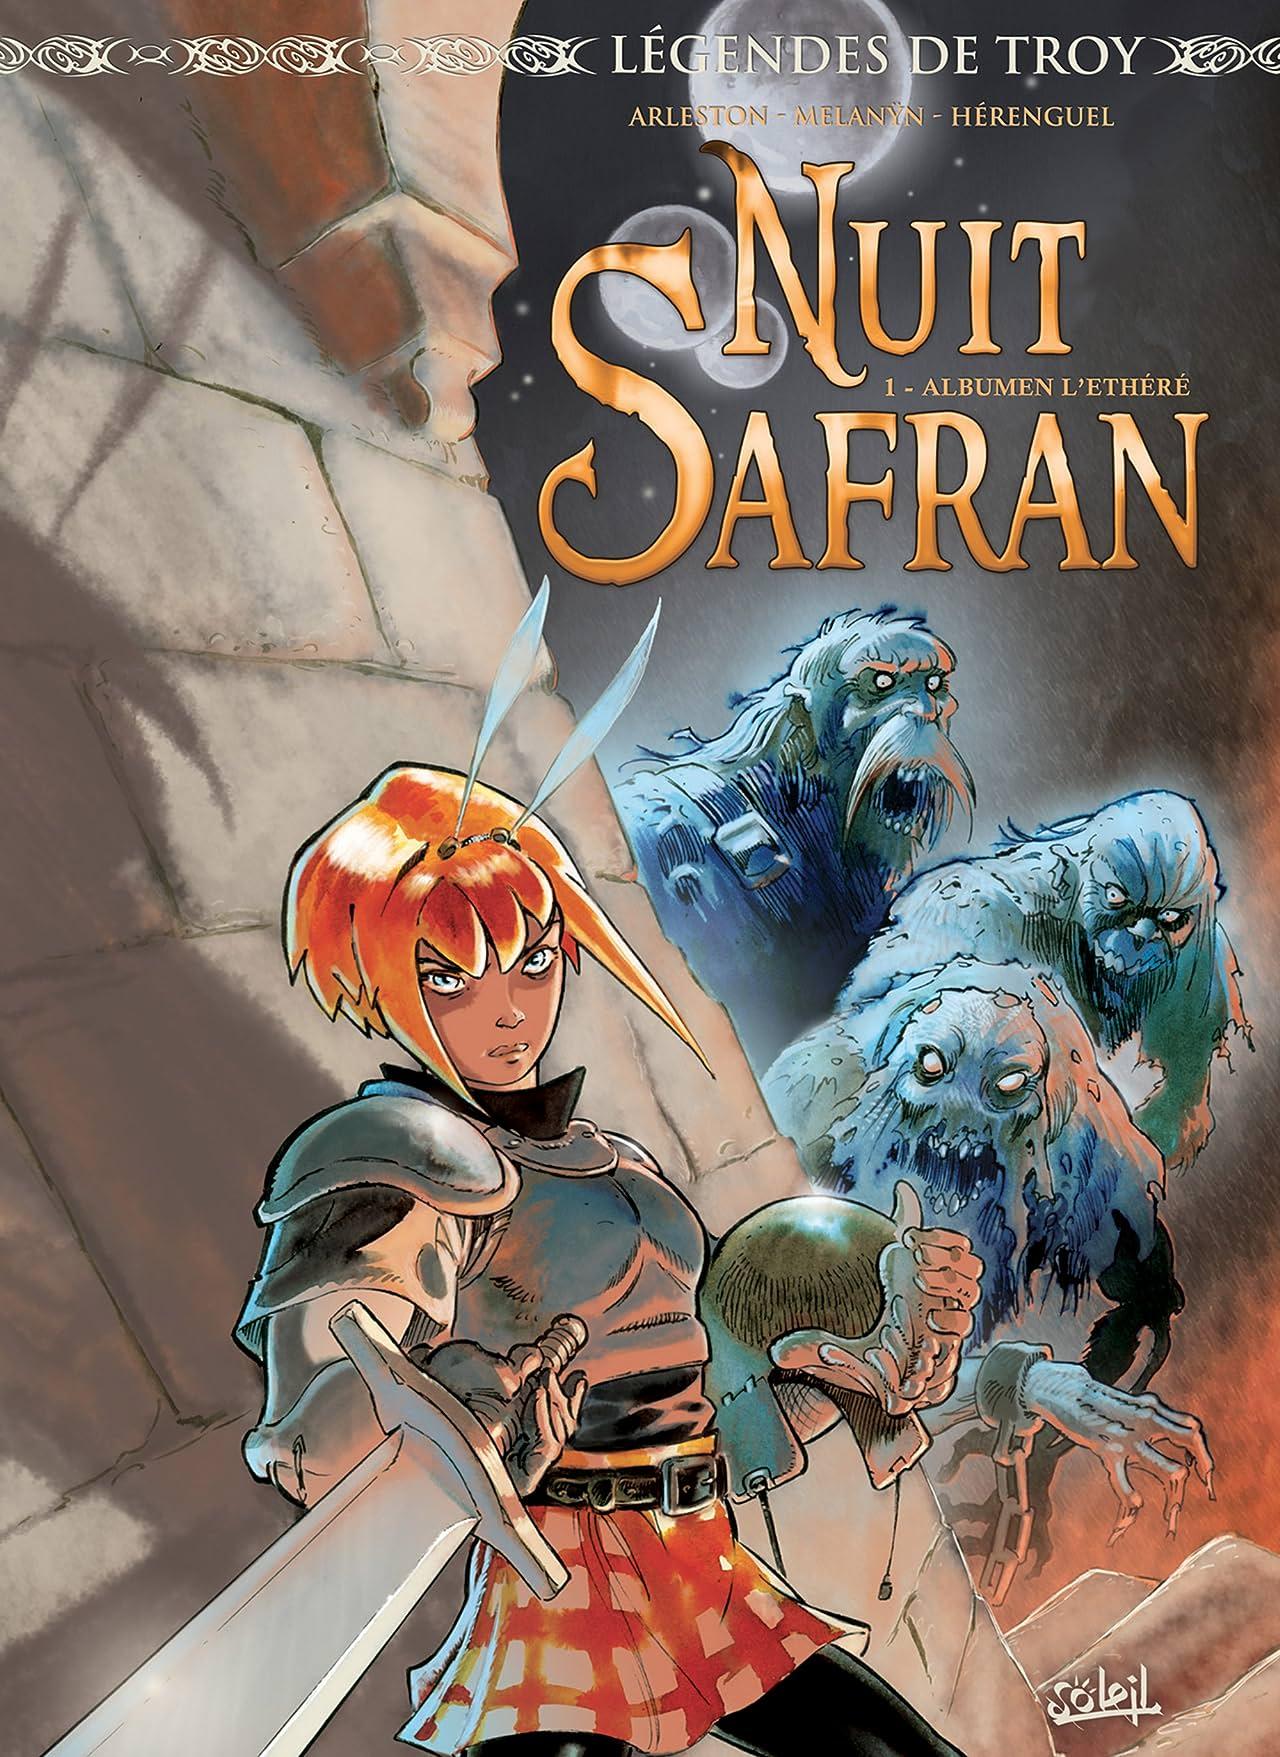 Legendes de Troy - Nuit Safran Vol. 1: Albumen l'éthéré